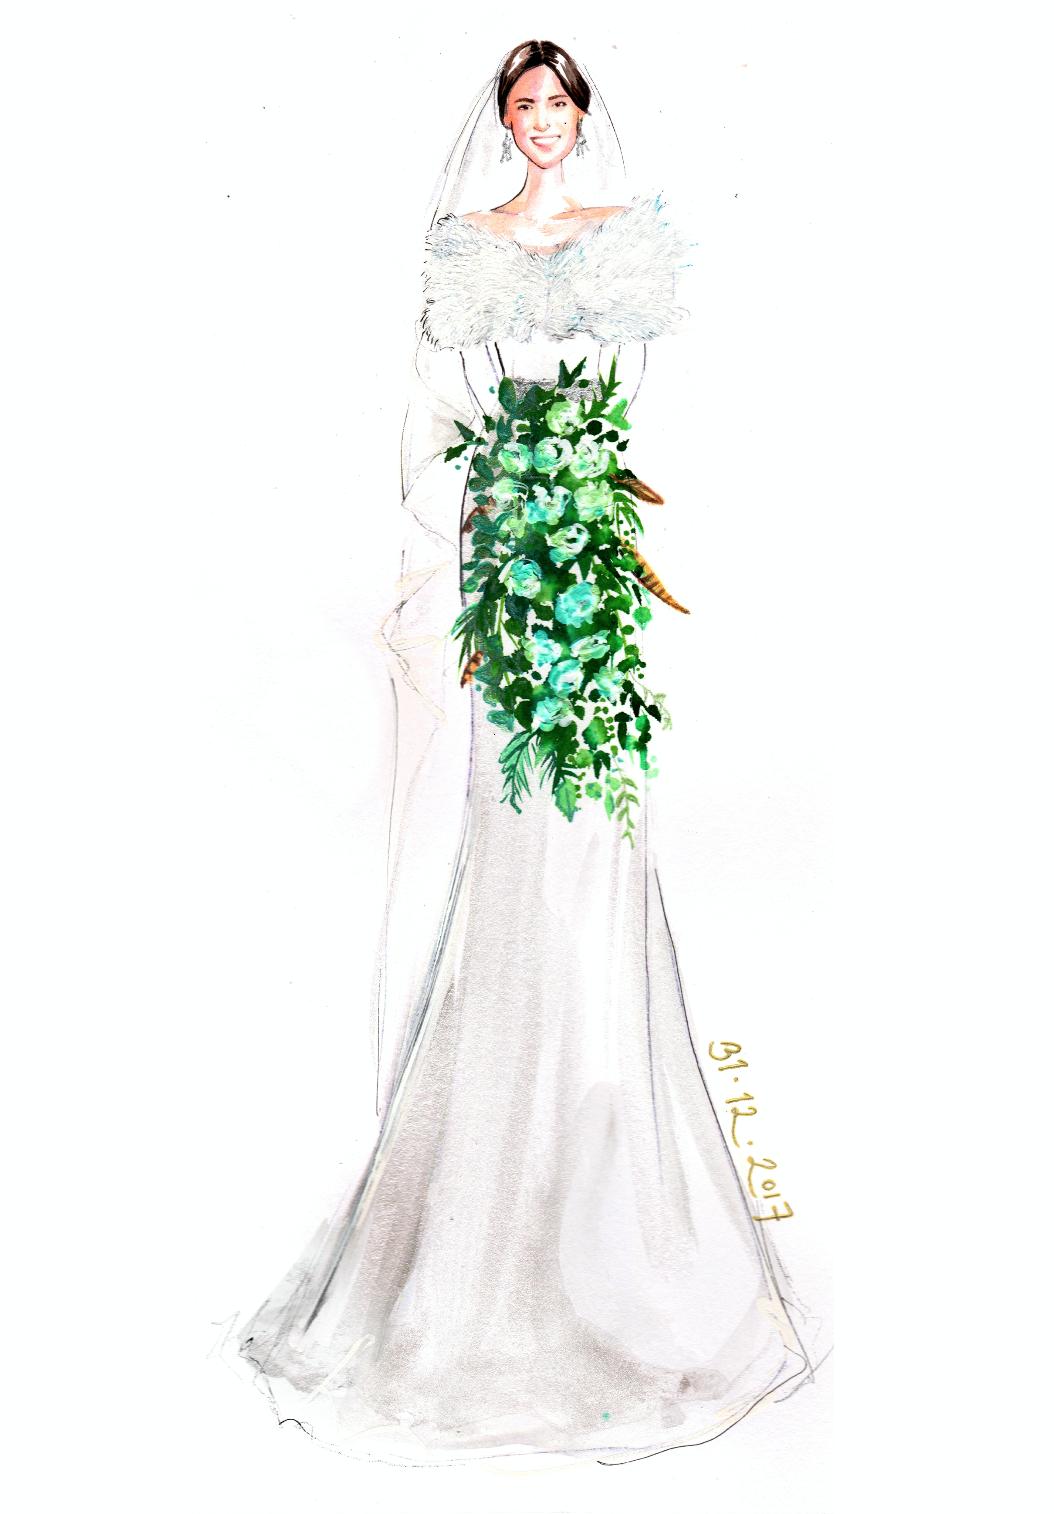 Tanya hong kong fashion illustrator